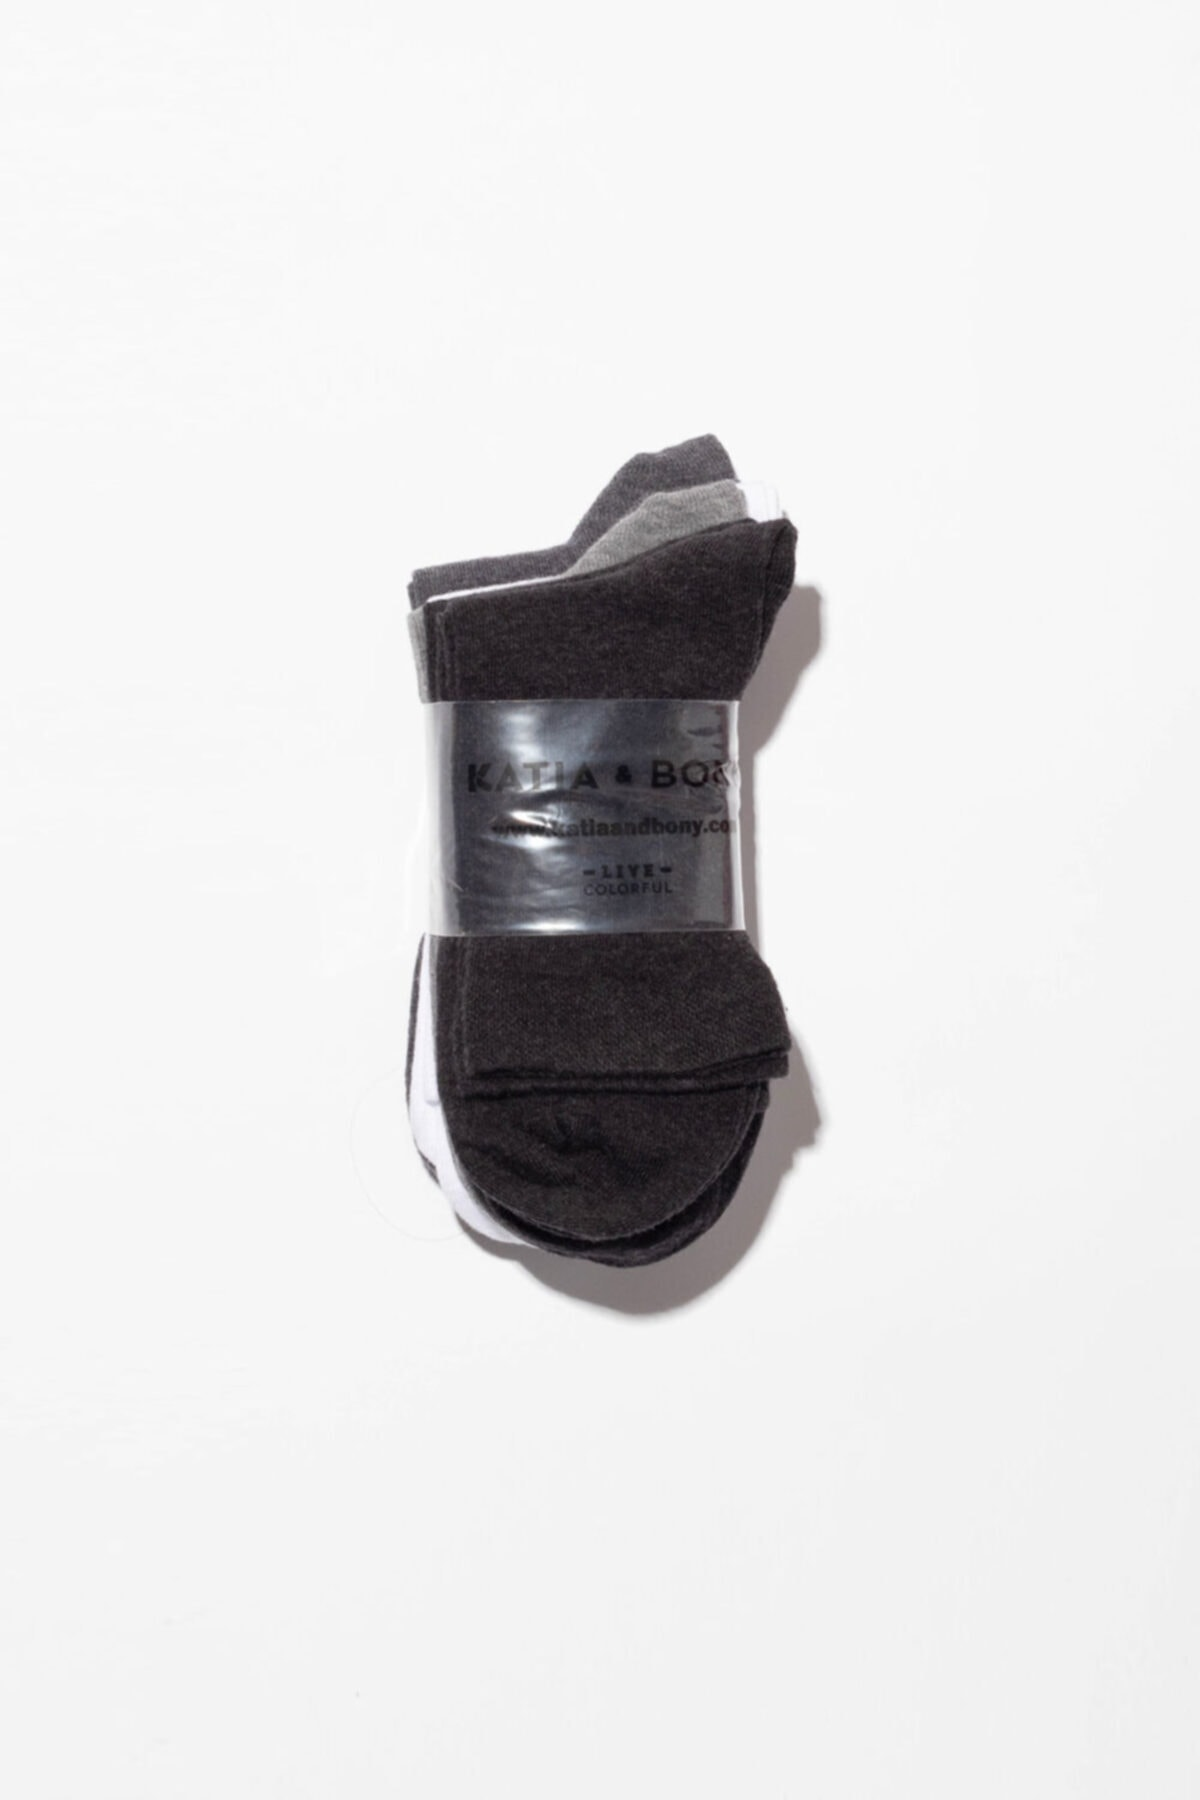 Katia&Bony 6'li Paket Unisex Basıc Soket Çorap- Siyah/ Beyaz / Grı 2